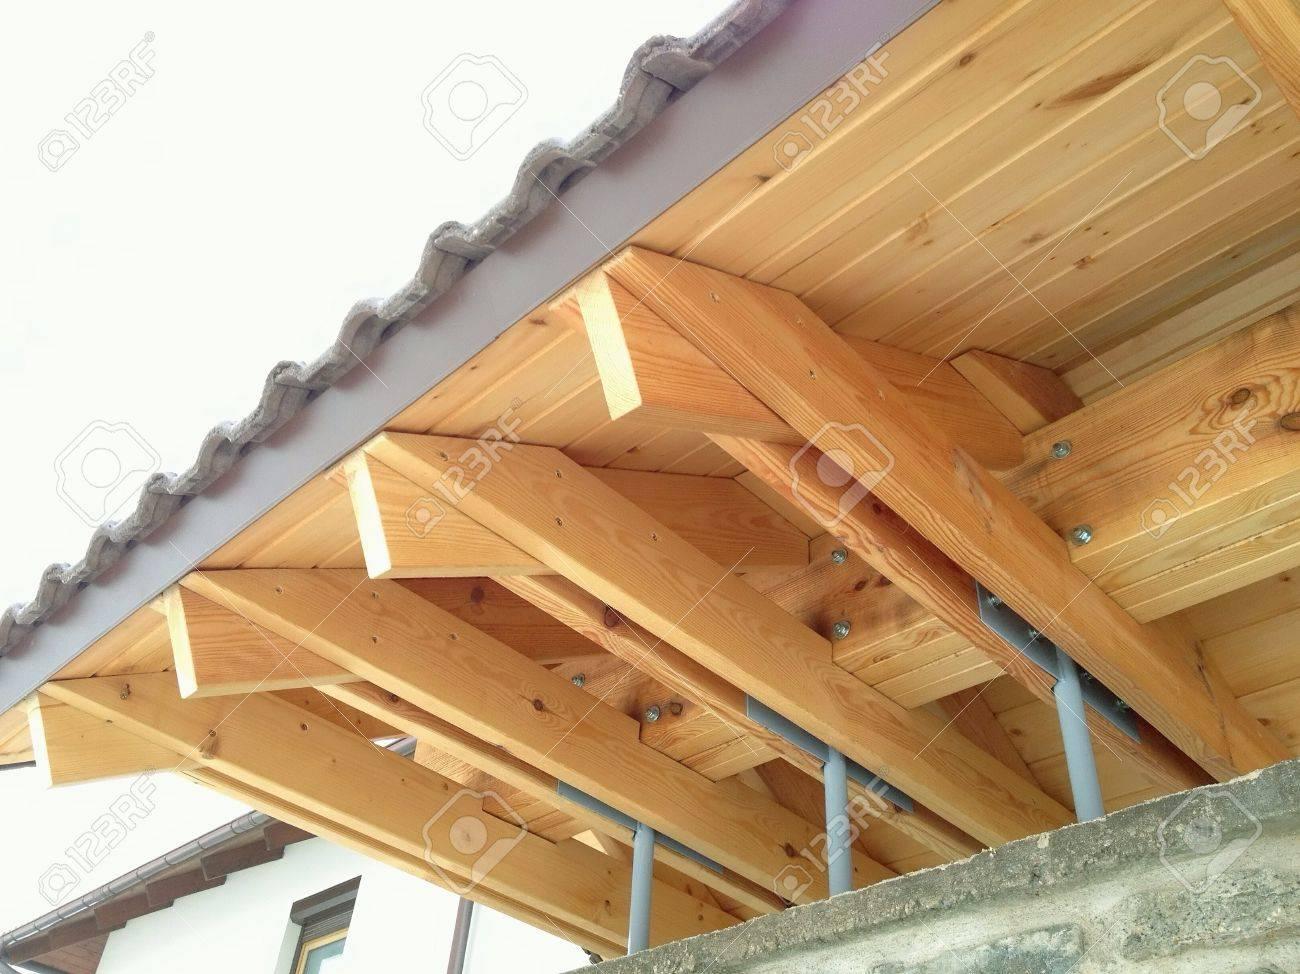 sistema de vigas del techo de madera desde abajo foto de archivo